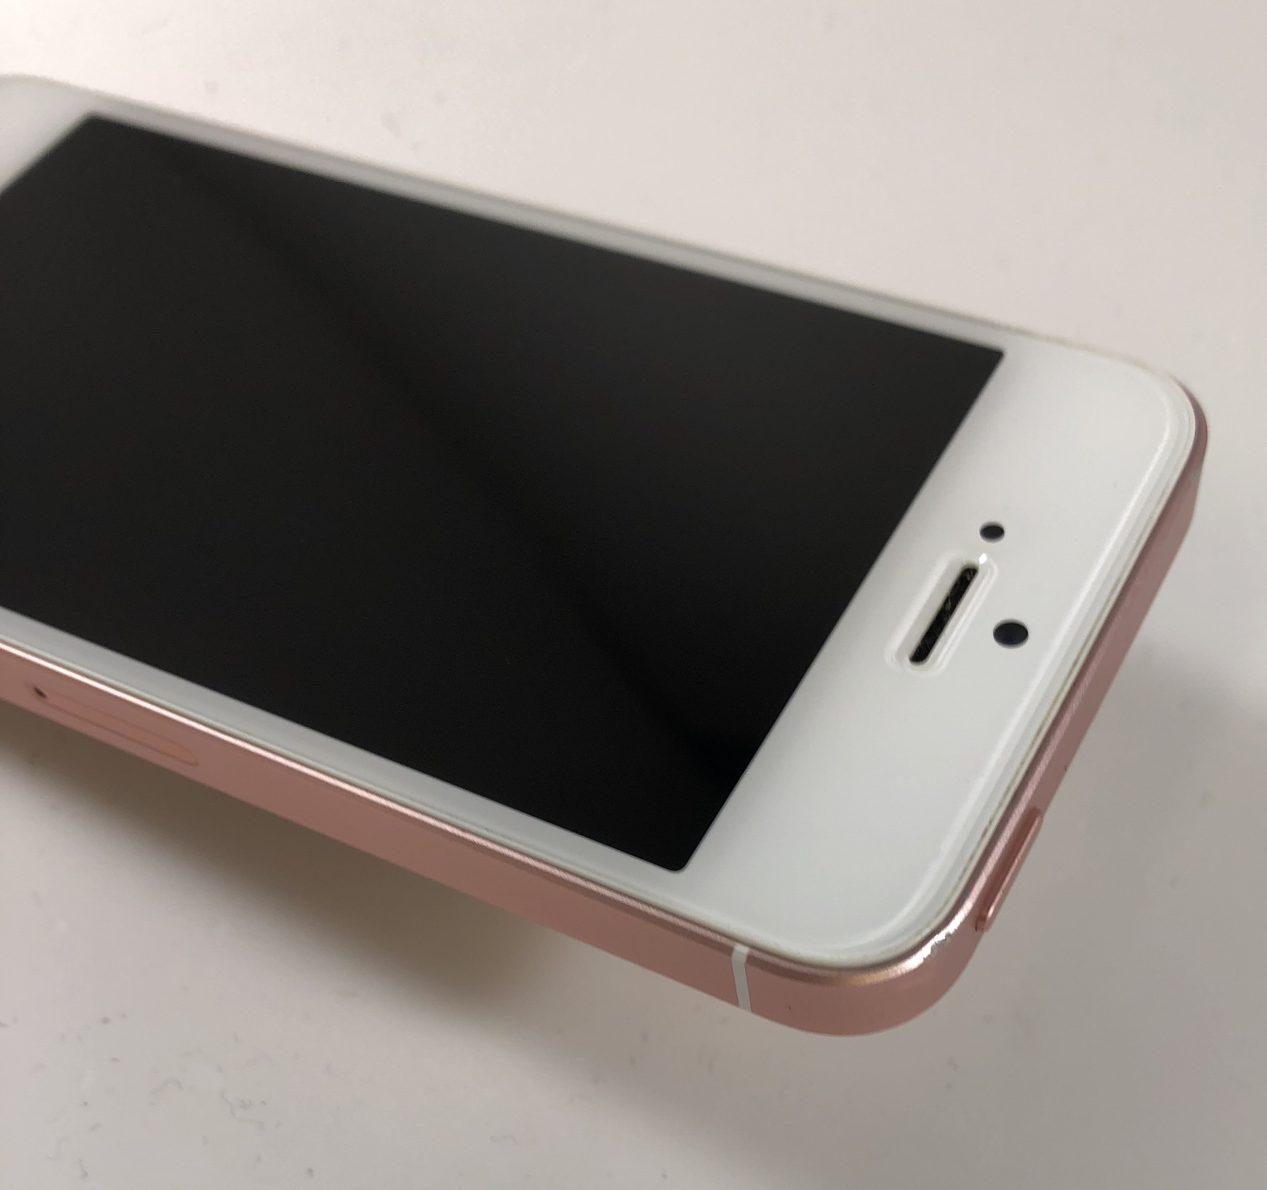 iPhone SE 16GB, 16GB, Rose Gold, Kuva 3